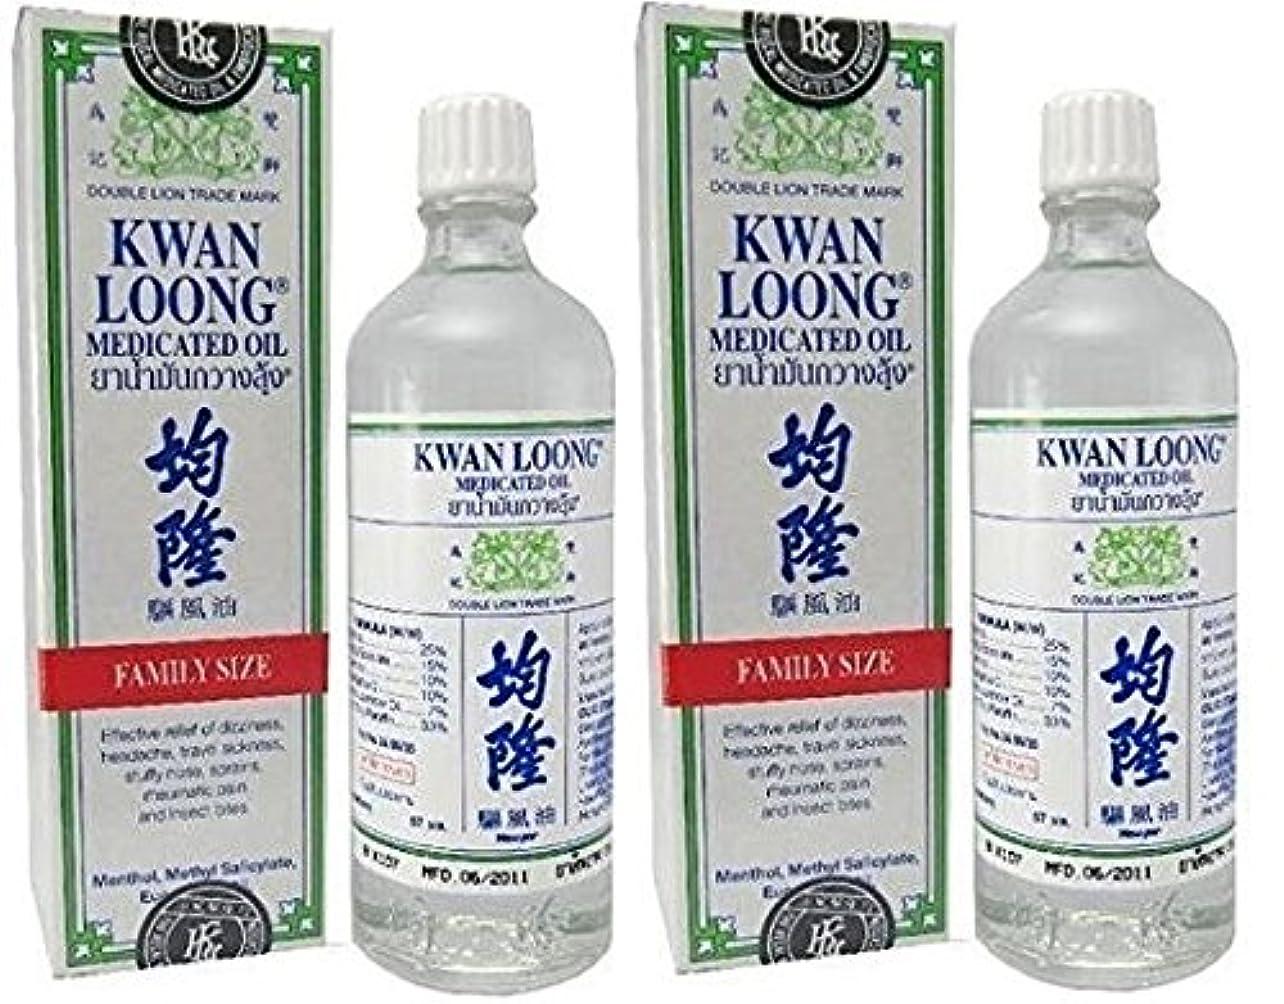 褐色レーザ憎しみクワンルーン薬用オイル 2 x 57ミリリットル 2 x Kwan Loong Medicated Oil 57ml